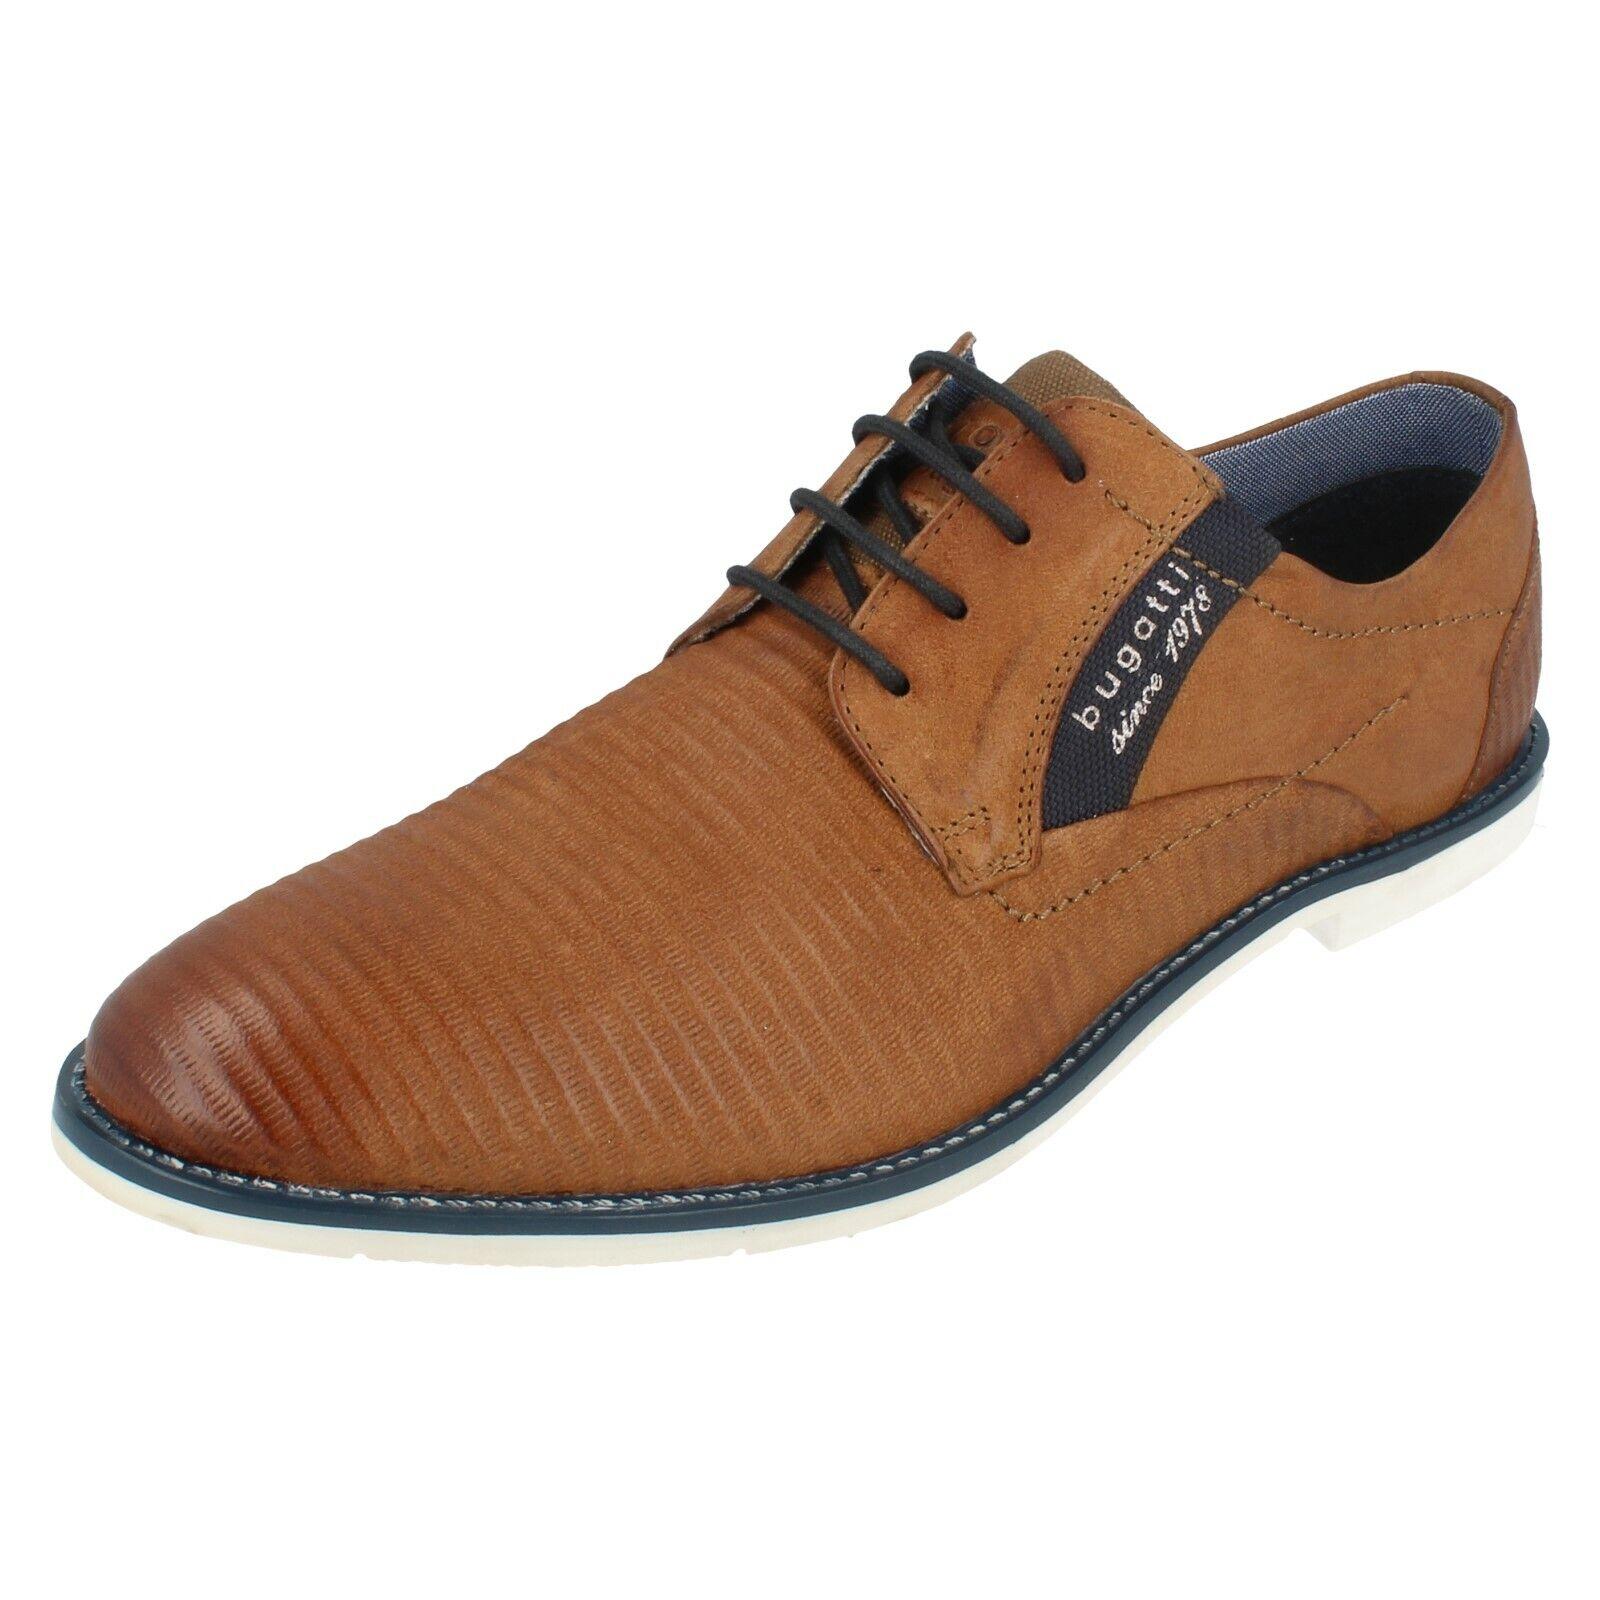 Herren 313-11117-3500 Cognac Leder Schnürbar Schuhe von Bugatti